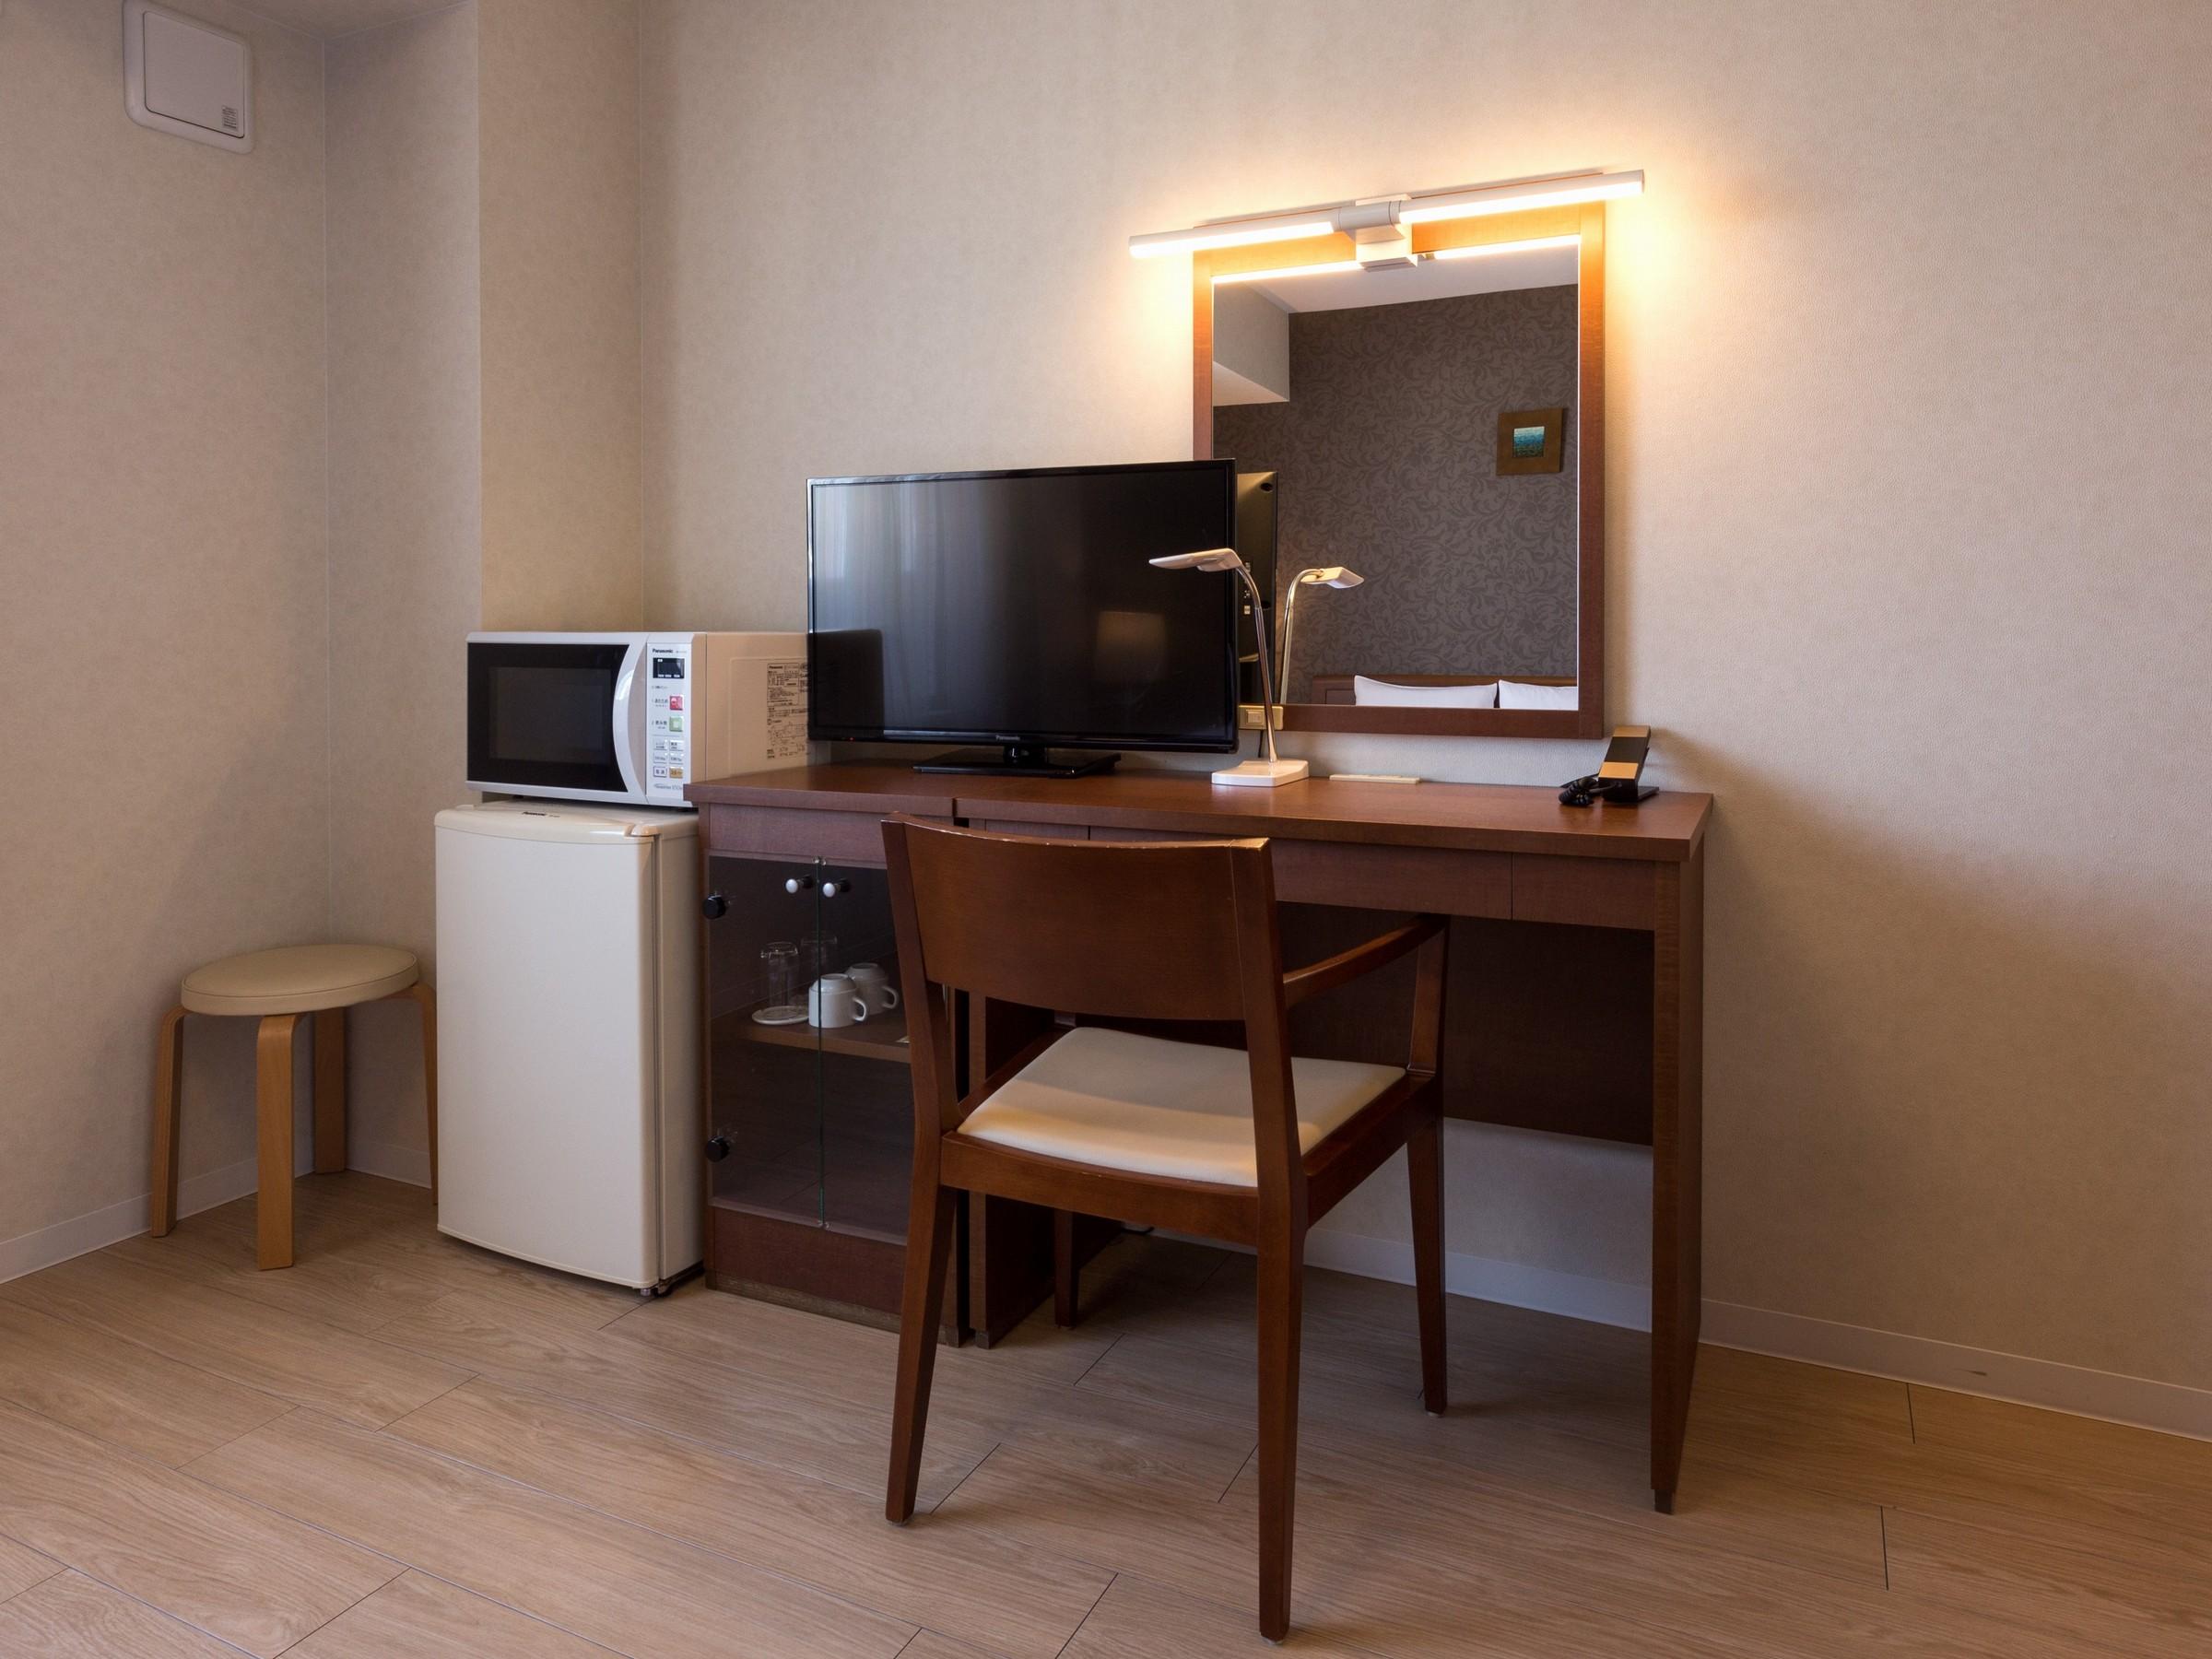 ホテル博多プレイス / 【洗濯機付】【ベッド幅120】■シングルルーム25㎡:1名利用(喫煙)